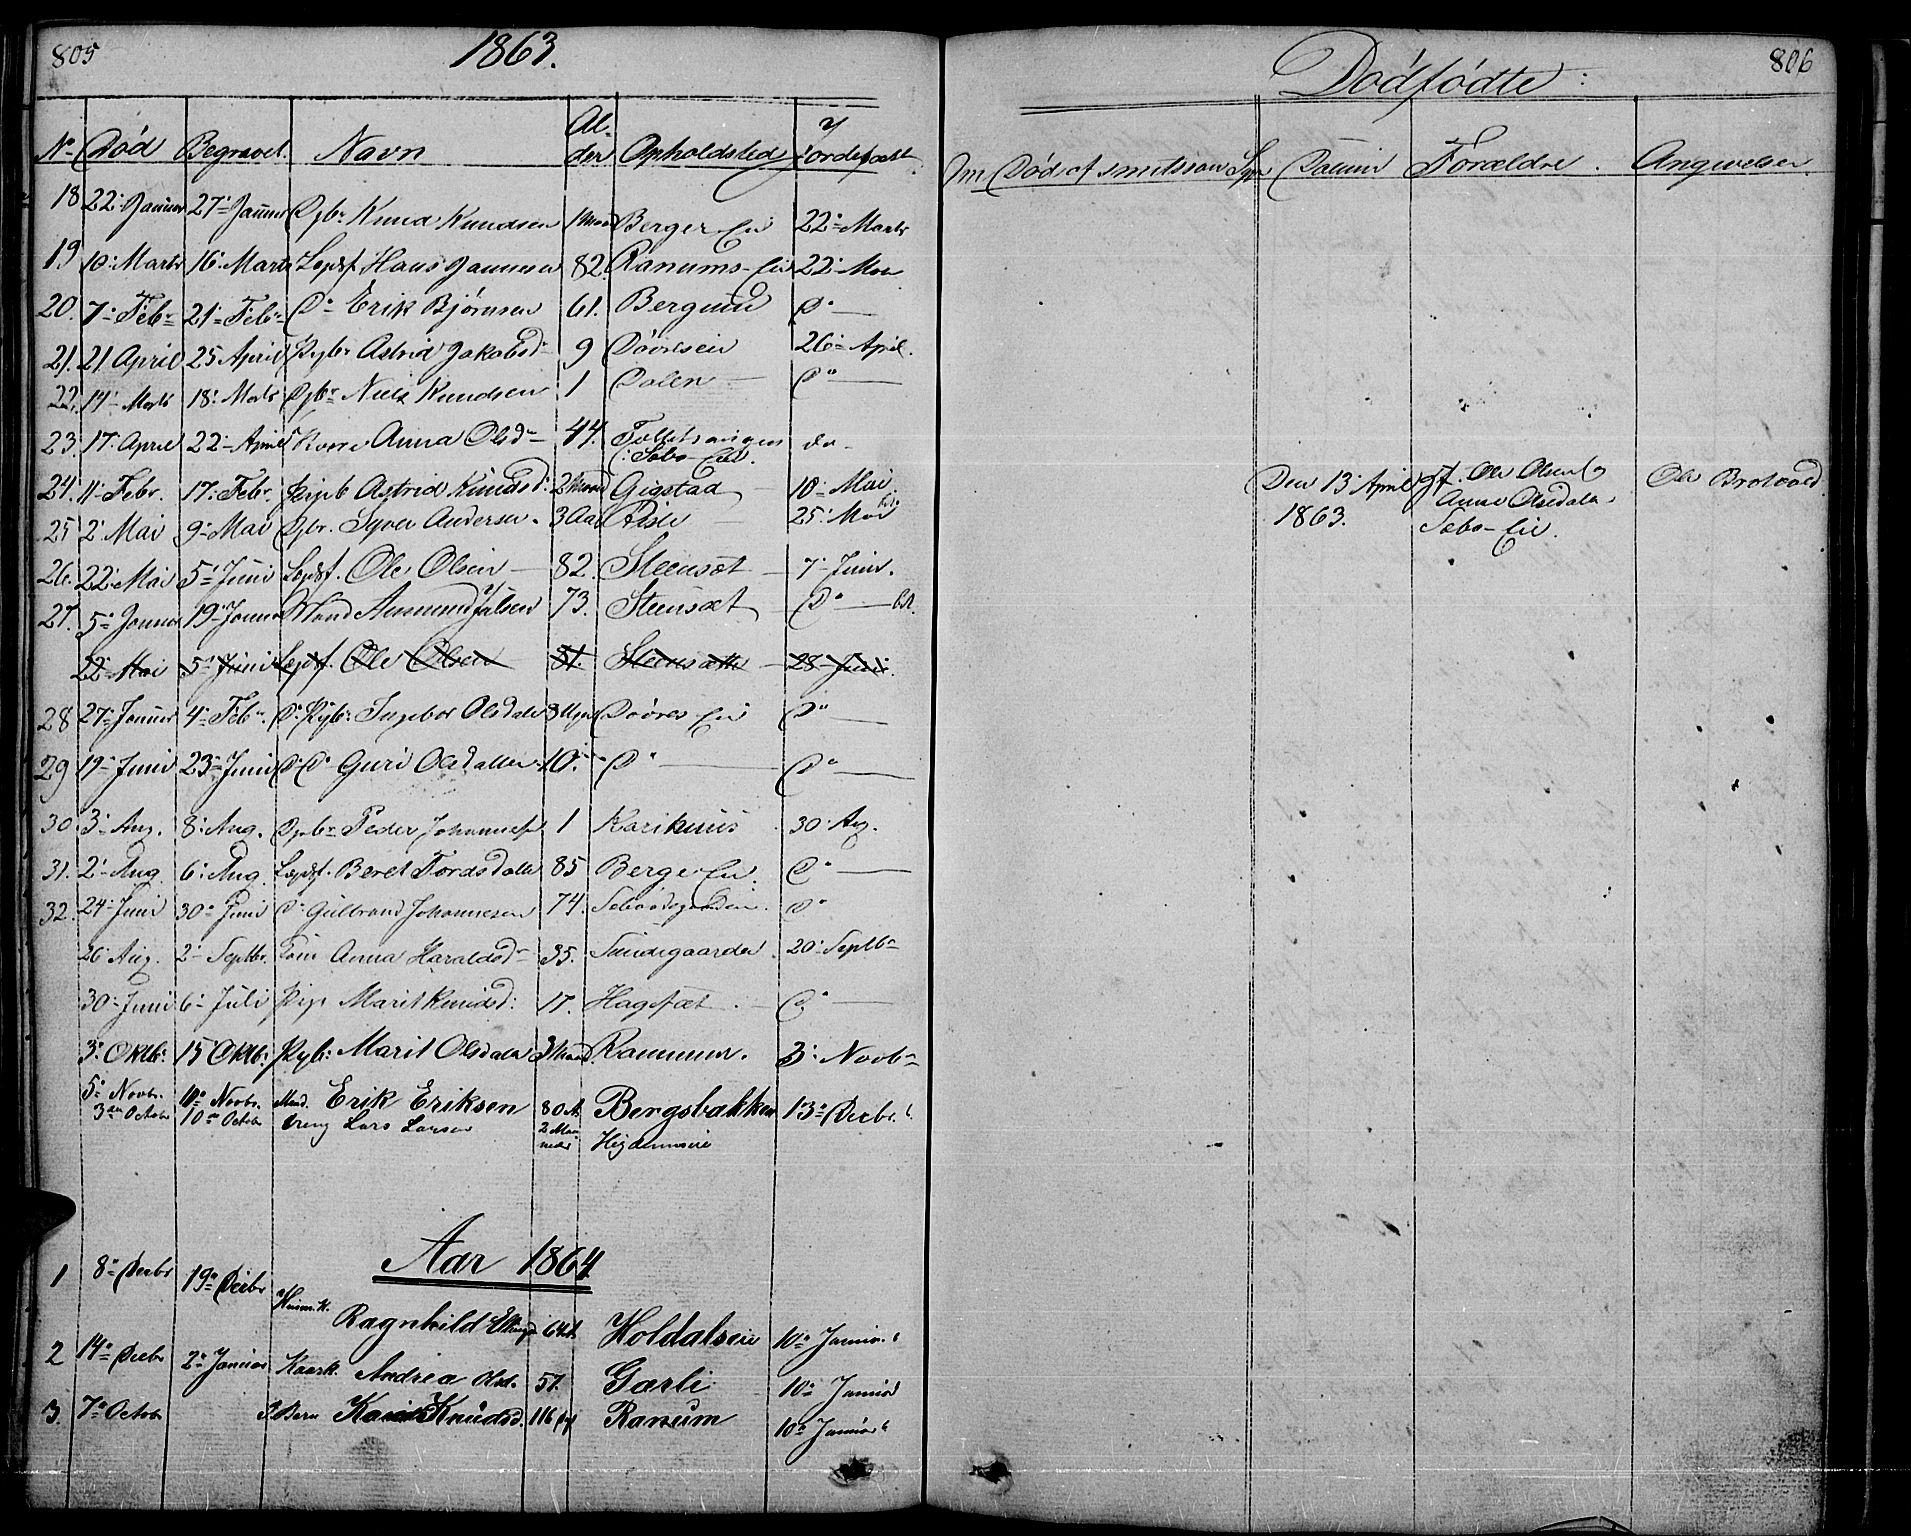 SAH, Nord-Aurdal prestekontor, Klokkerbok nr. 1, 1834-1887, s. 805-806